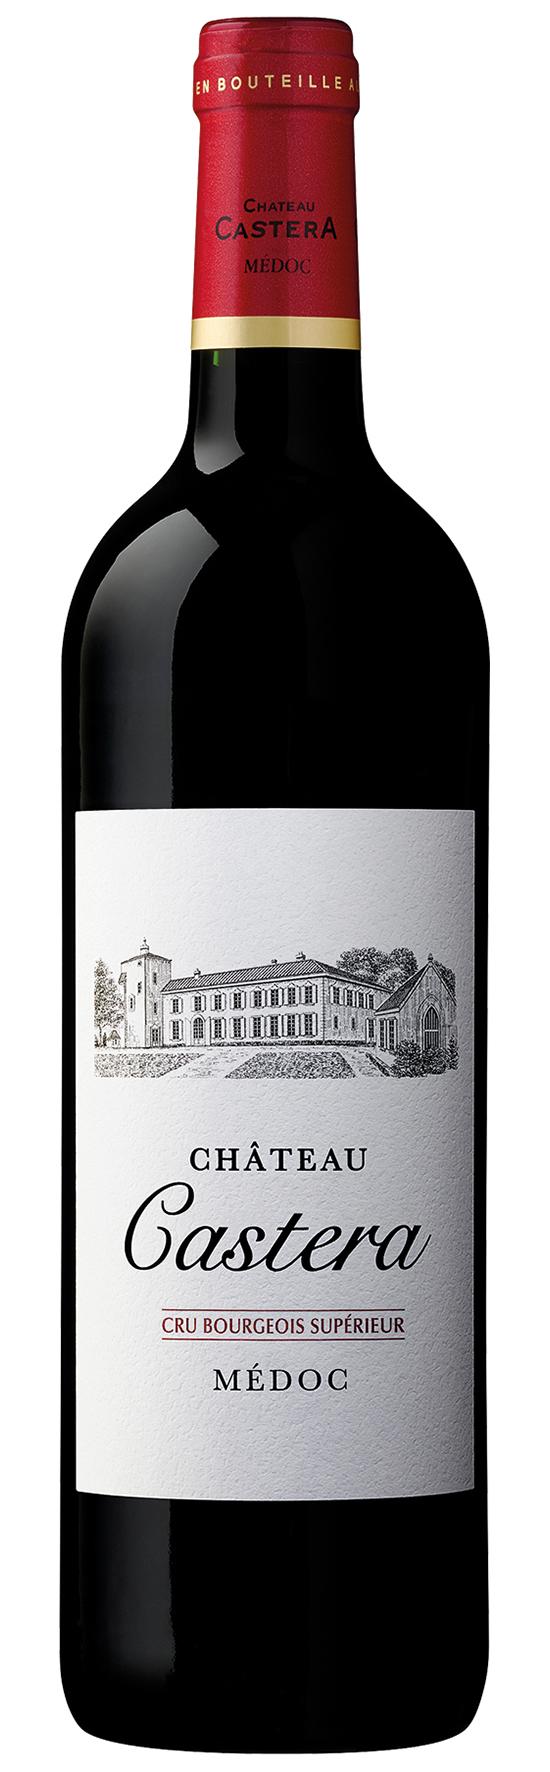 Chateau Castera 2018